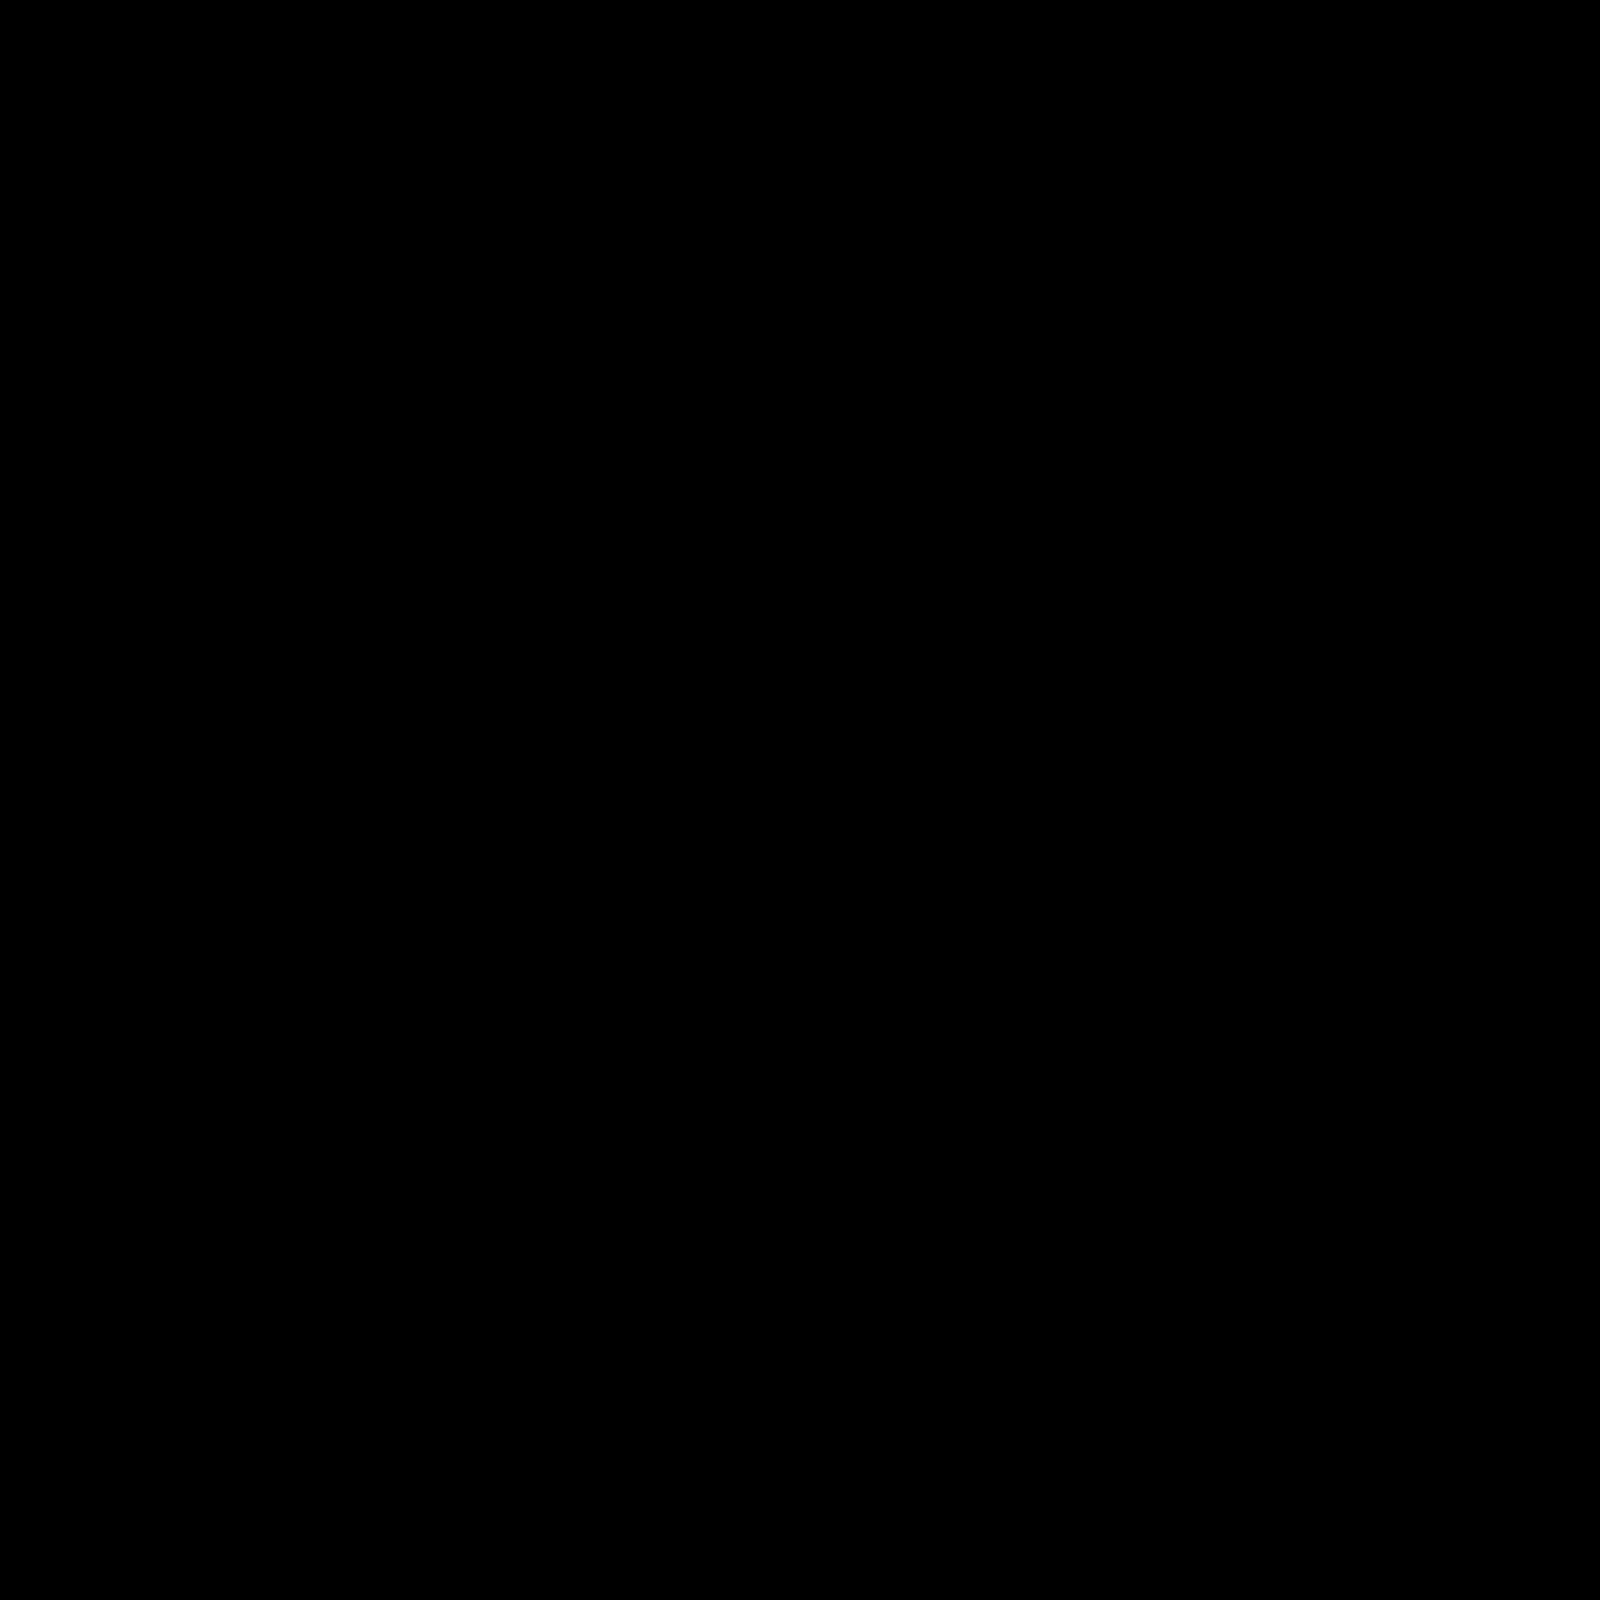 Resultado de imagen de icono pastel